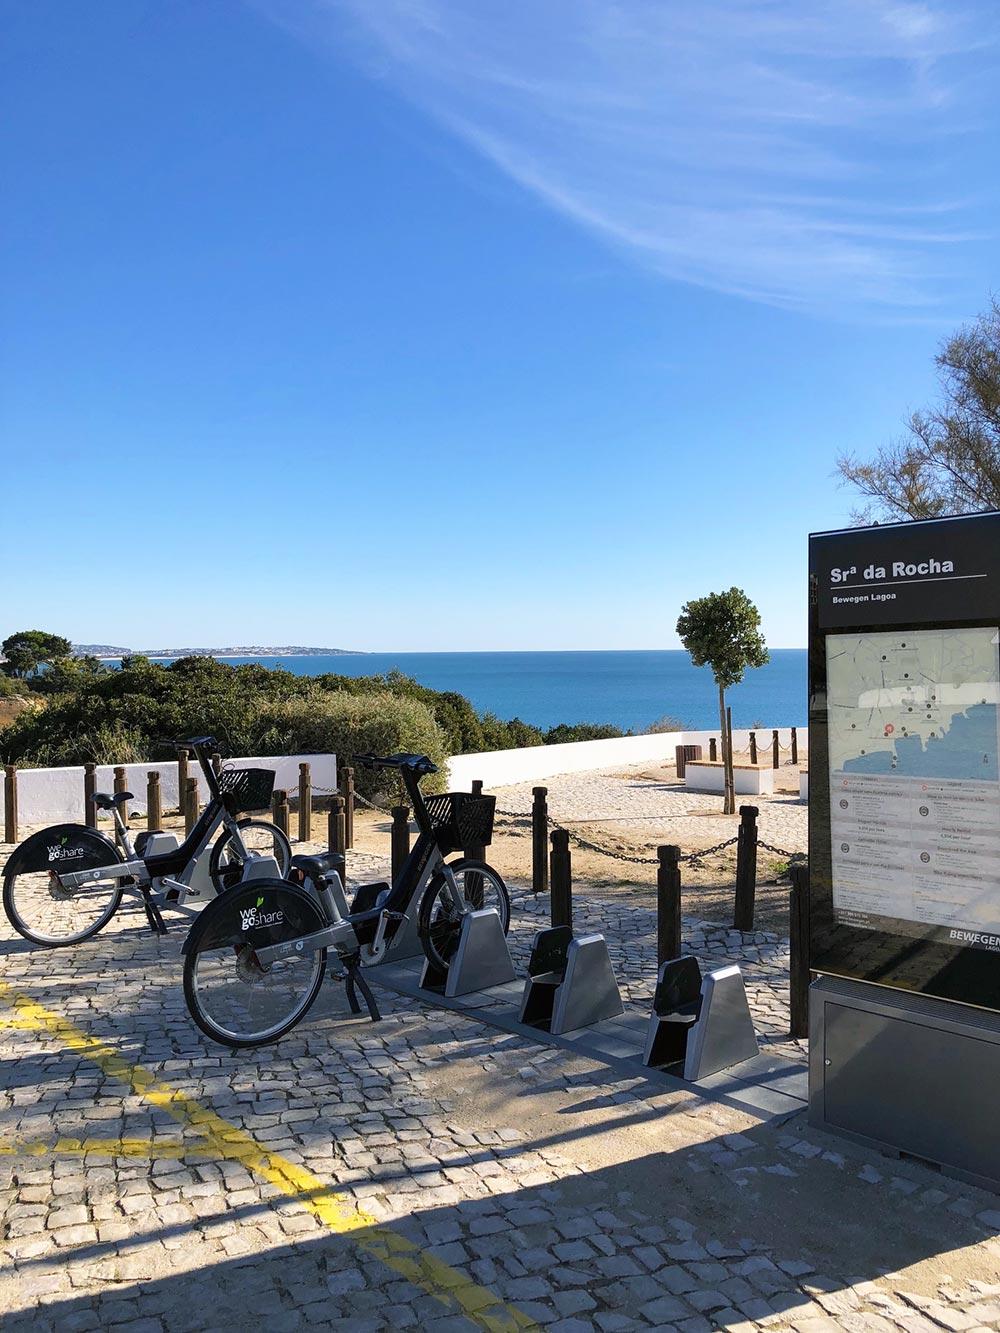 Bike rental at Senhora da Rocha beach